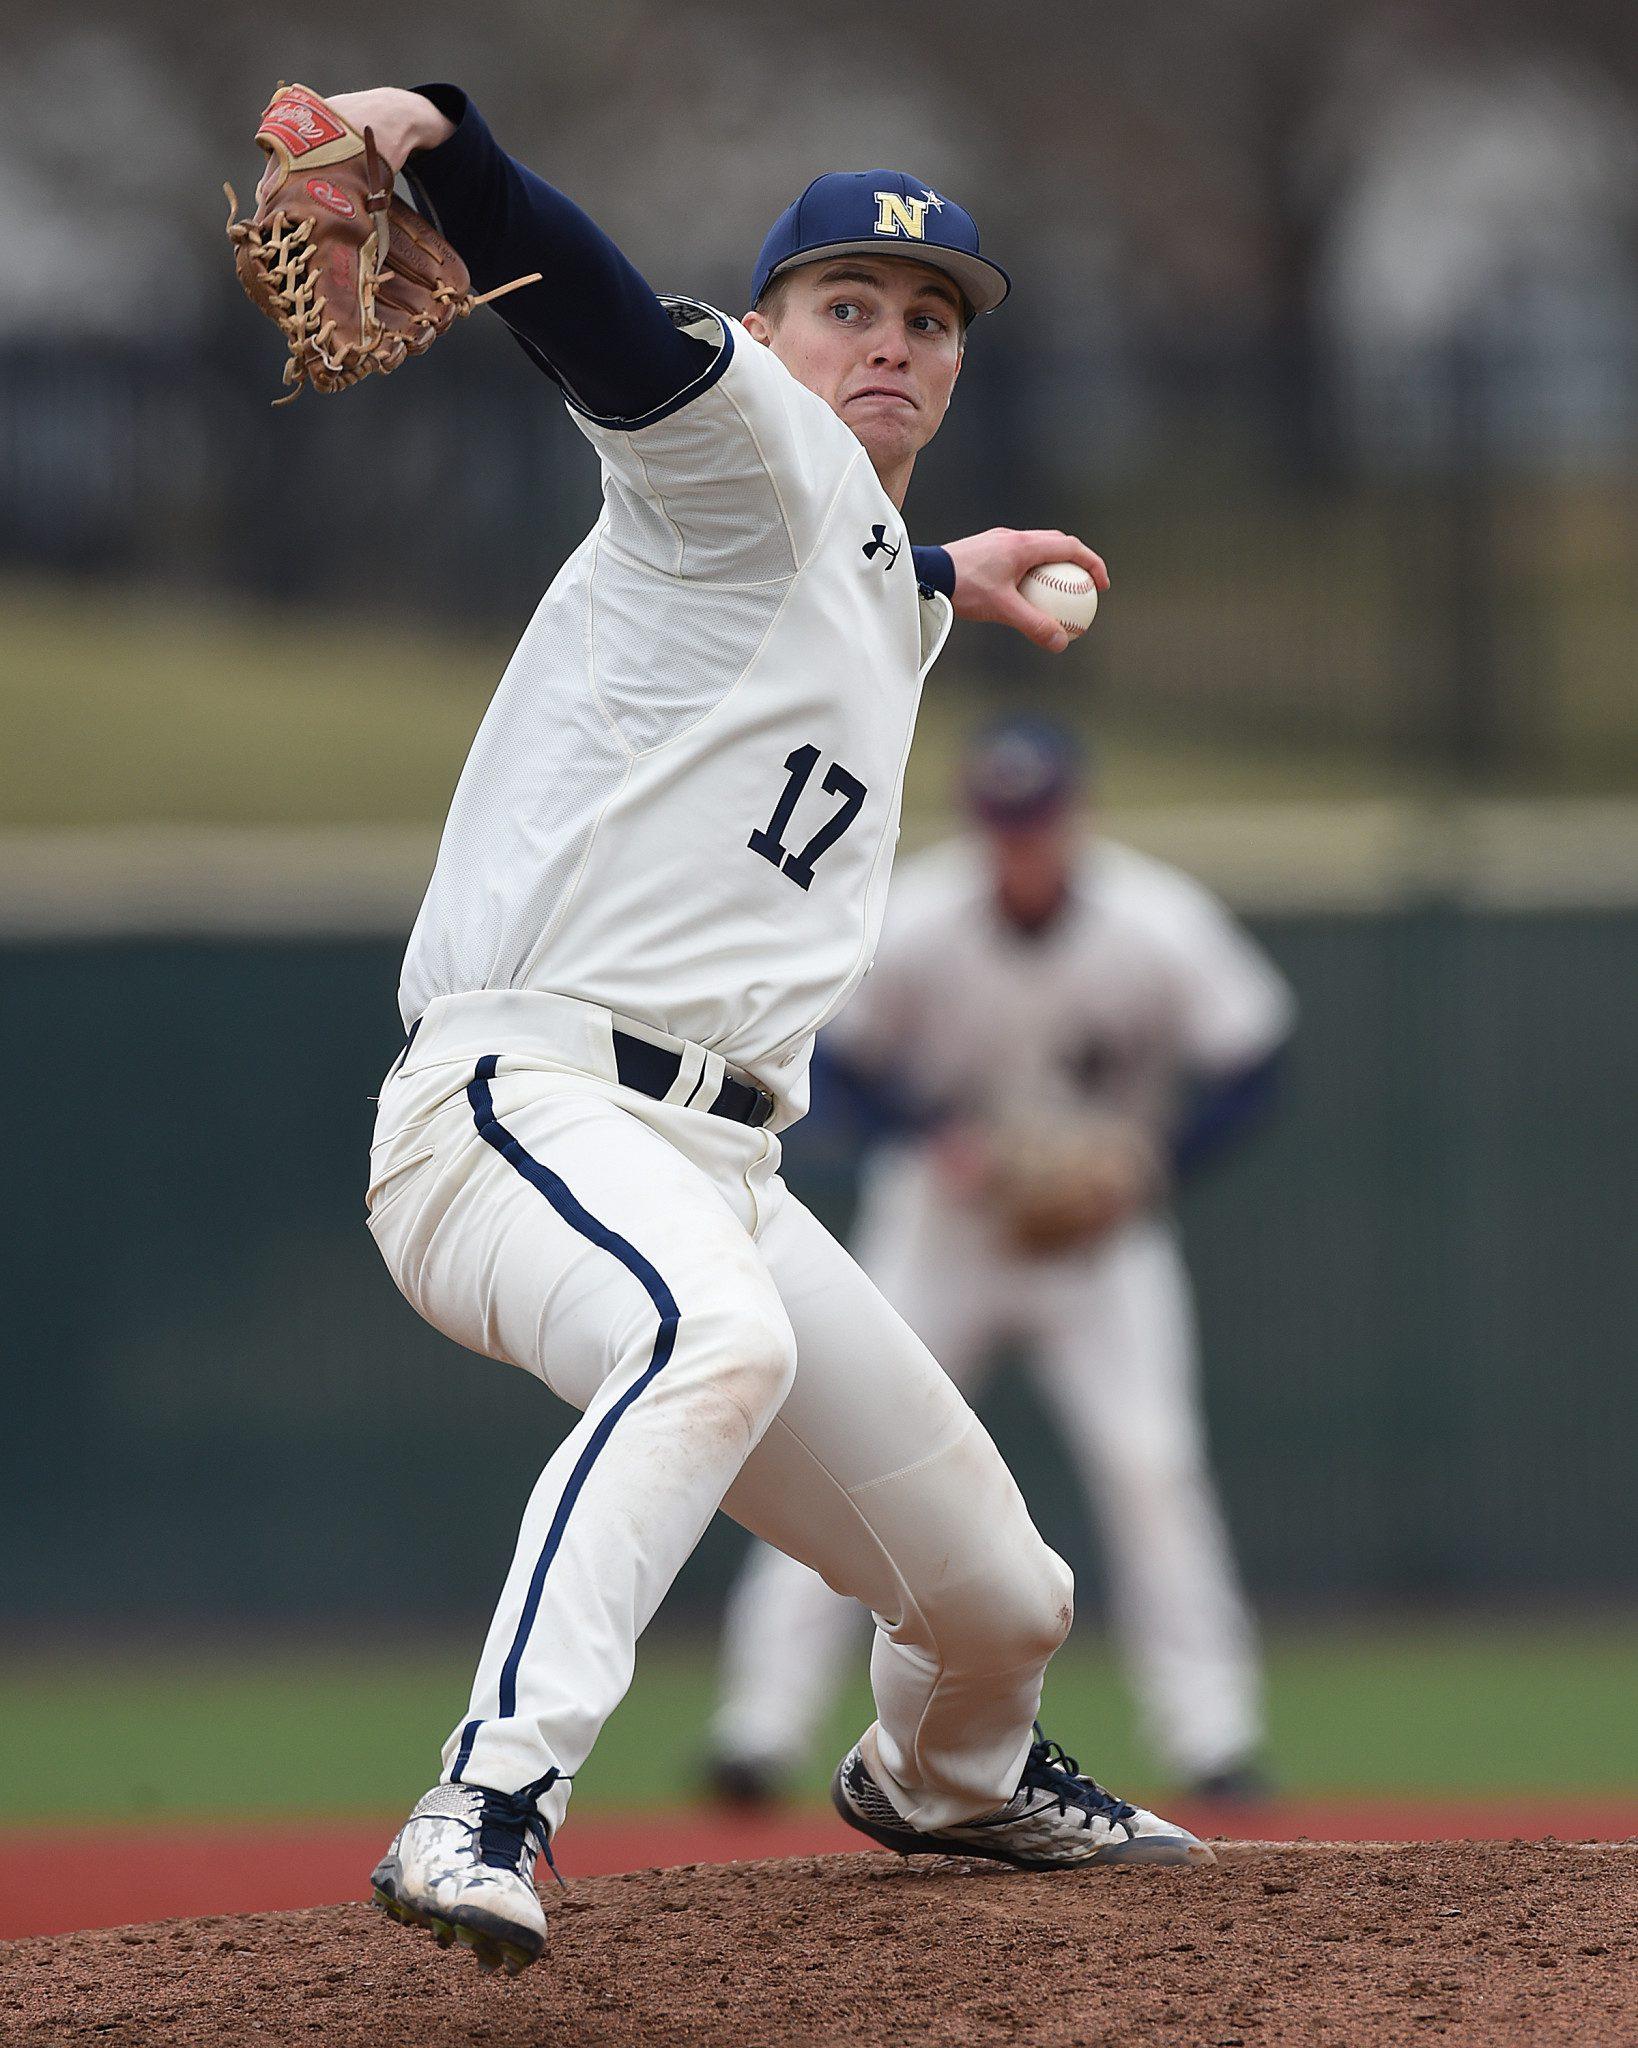 Navy's Luke Gillingham (Navy Athletics)